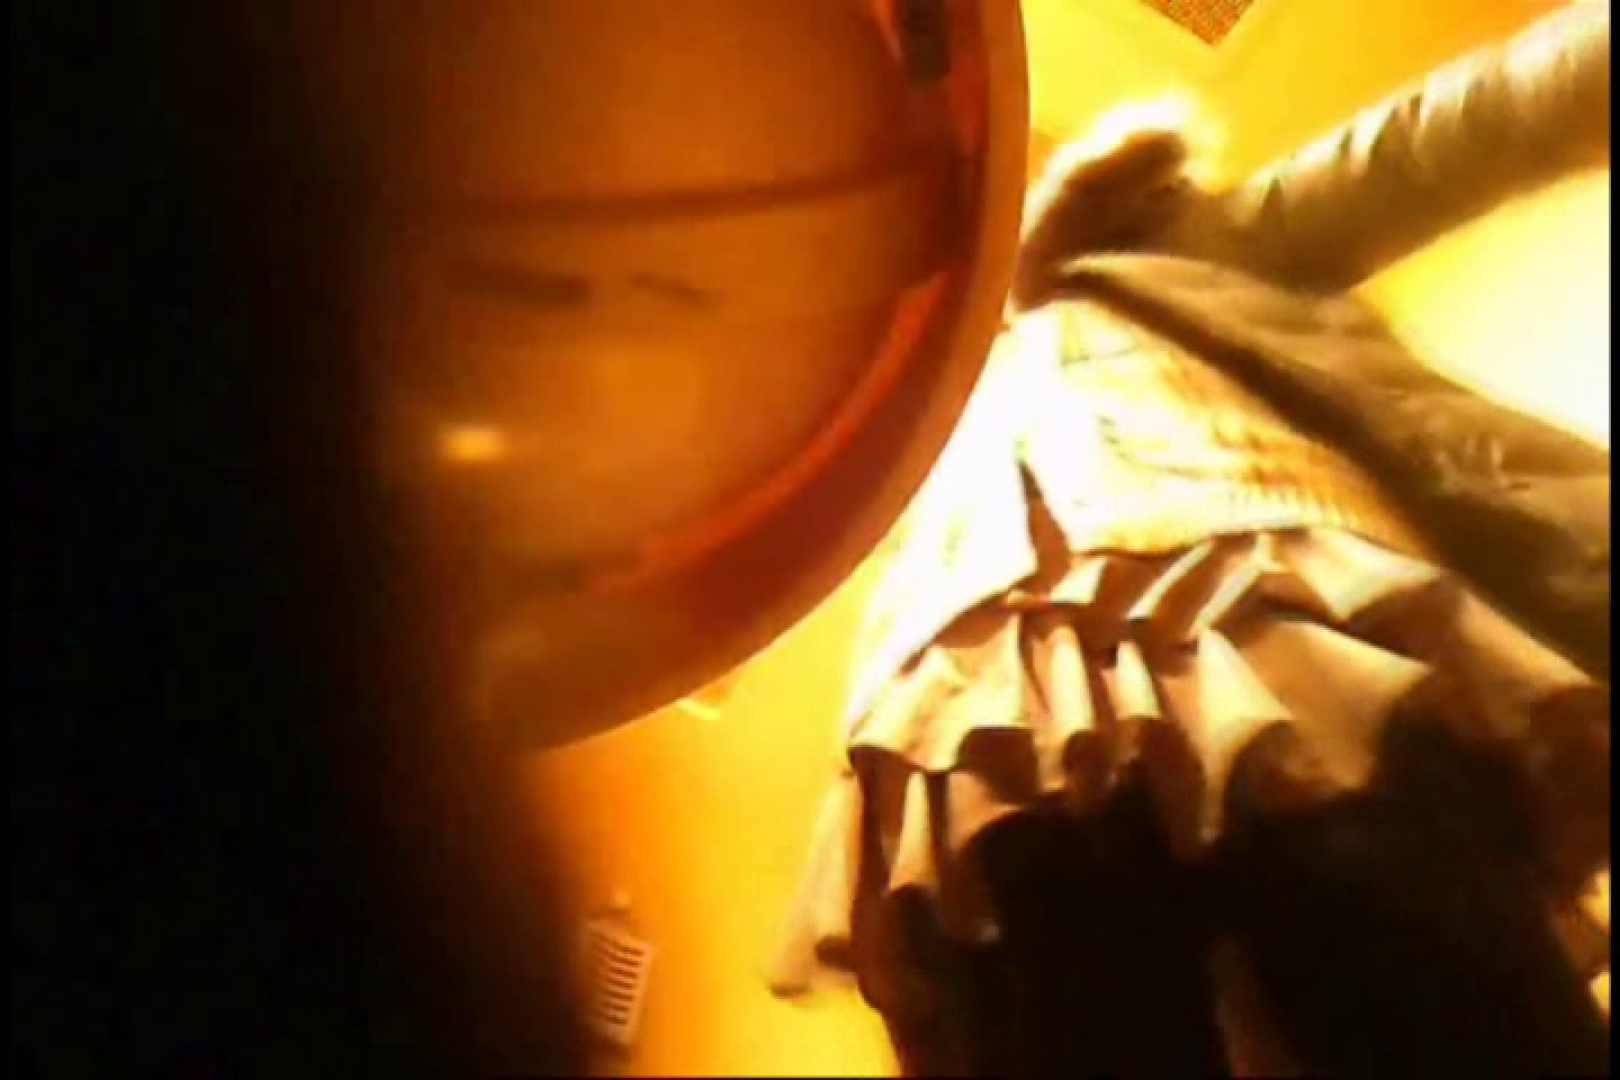 潜入!!女子化粧室盗撮~絶対見られたくない時間~vo,4 潜入 | 熟女のエロ動画  77PIX 70